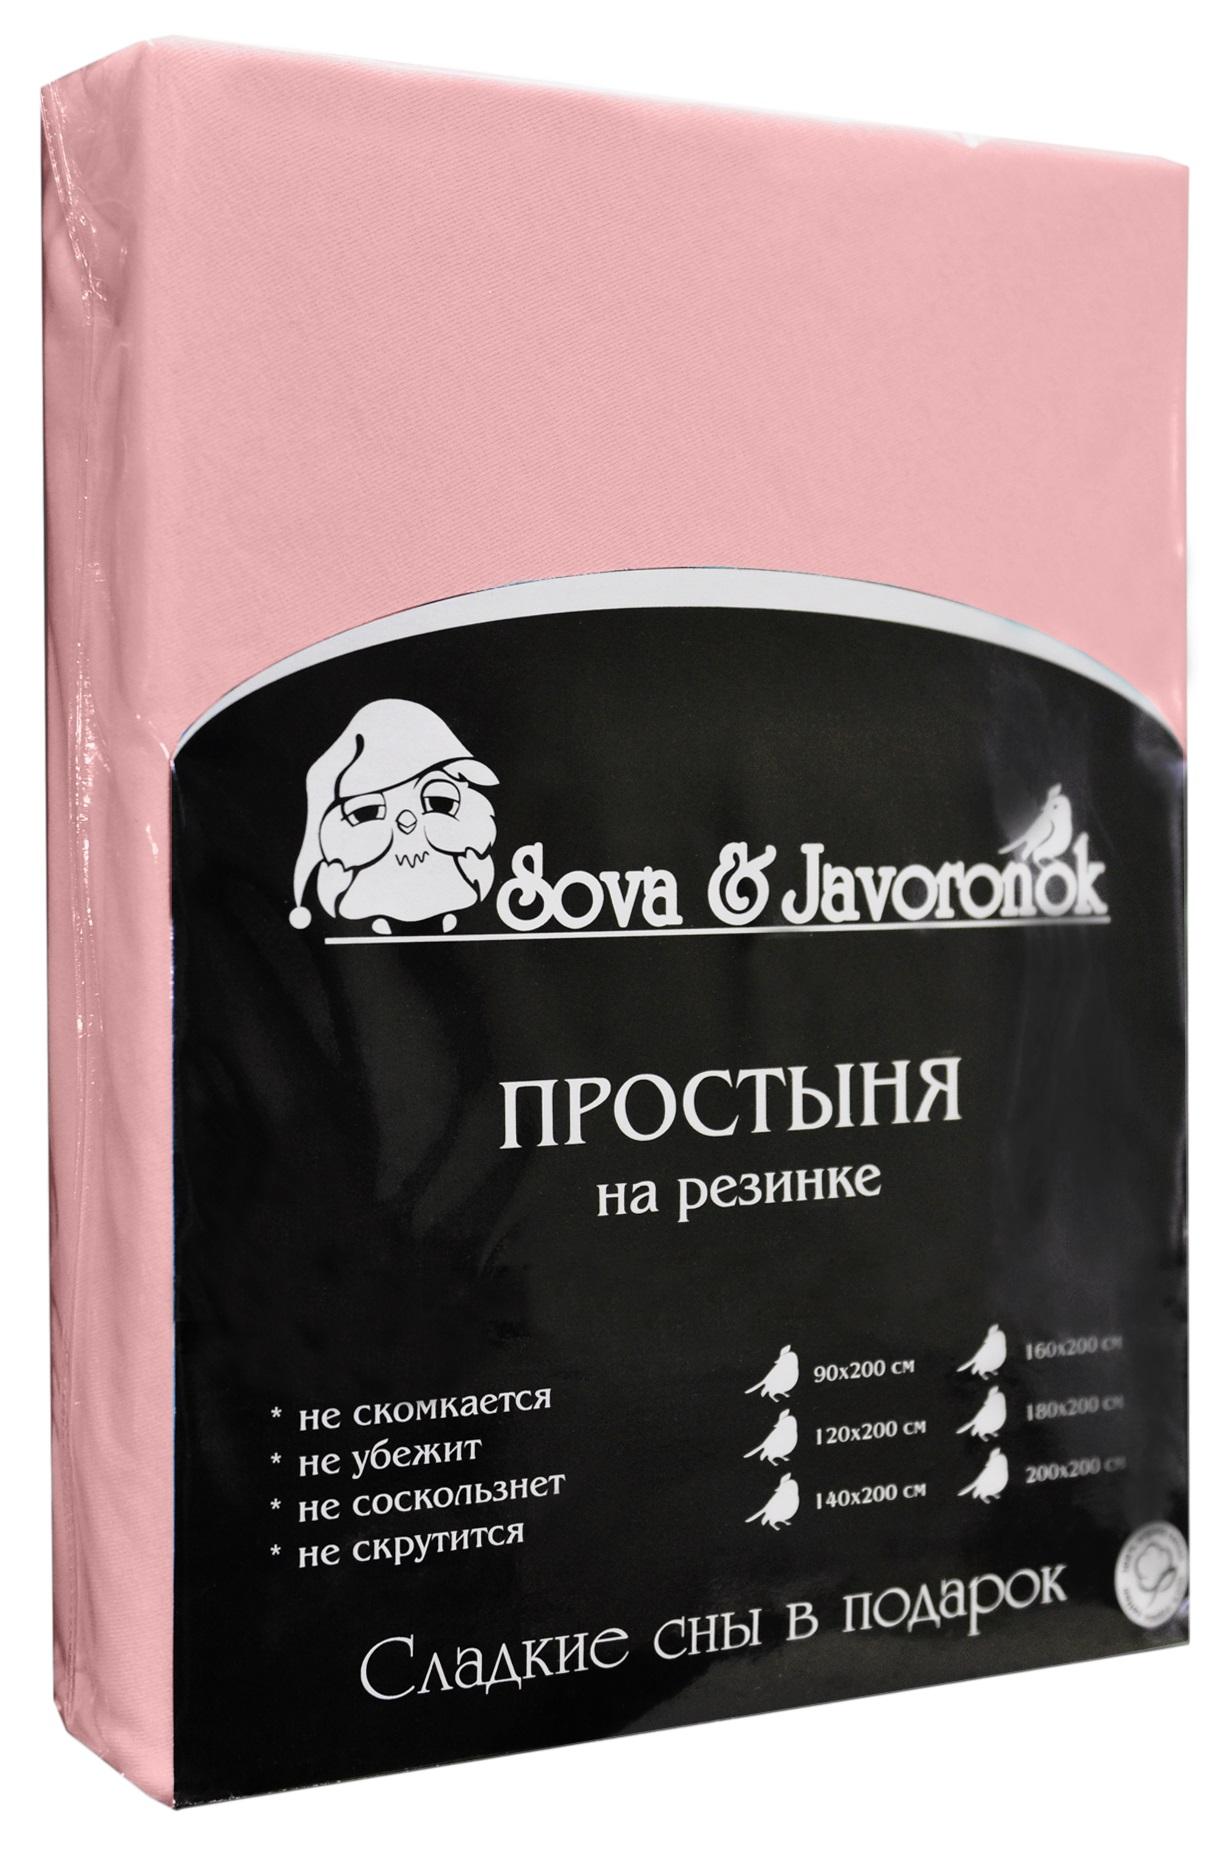 Простыня на резинке Sova & Javoronok, цвет: светло-розовый, 90 х 200 смБрелок для ключейПростыня на резинке Sova & Javoronok, изготовленная из трикотажной ткани (100% хлопок), будет превосходно смотреться с любыми комплектами белья. Хлопчатобумажный трикотаж по праву считается одним из самых качественных, прочных и при этом приятных на ощупь. Его гигиеничность позволяет использовать простыню и в детских комнатах, к тому же 100%-ый хлопок в составе ткани не вызовет аллергии. У трикотажного полотна очень интересная структура, немного рыхлая за счет отсутствия плотного переплетения нитей и наличия особых петель, благодаря этому простыня Сова и Жаворонок отлично пропускает воздух и способствует его постоянной циркуляции. Поэтому ваша постель будет всегда оставаться свежей. Но главное и, пожалуй, самое известное свойство трикотажа - это его великолепная растяжимость, поэтому эта ткань и была выбрана для натяжной простыни на резинке.Простыня прошита резинкой по всему периметру, что обеспечивает более комфортный отдых, так как она прочно удерживается на матрасе и избавляет от необходимости часто поправлять простыню.